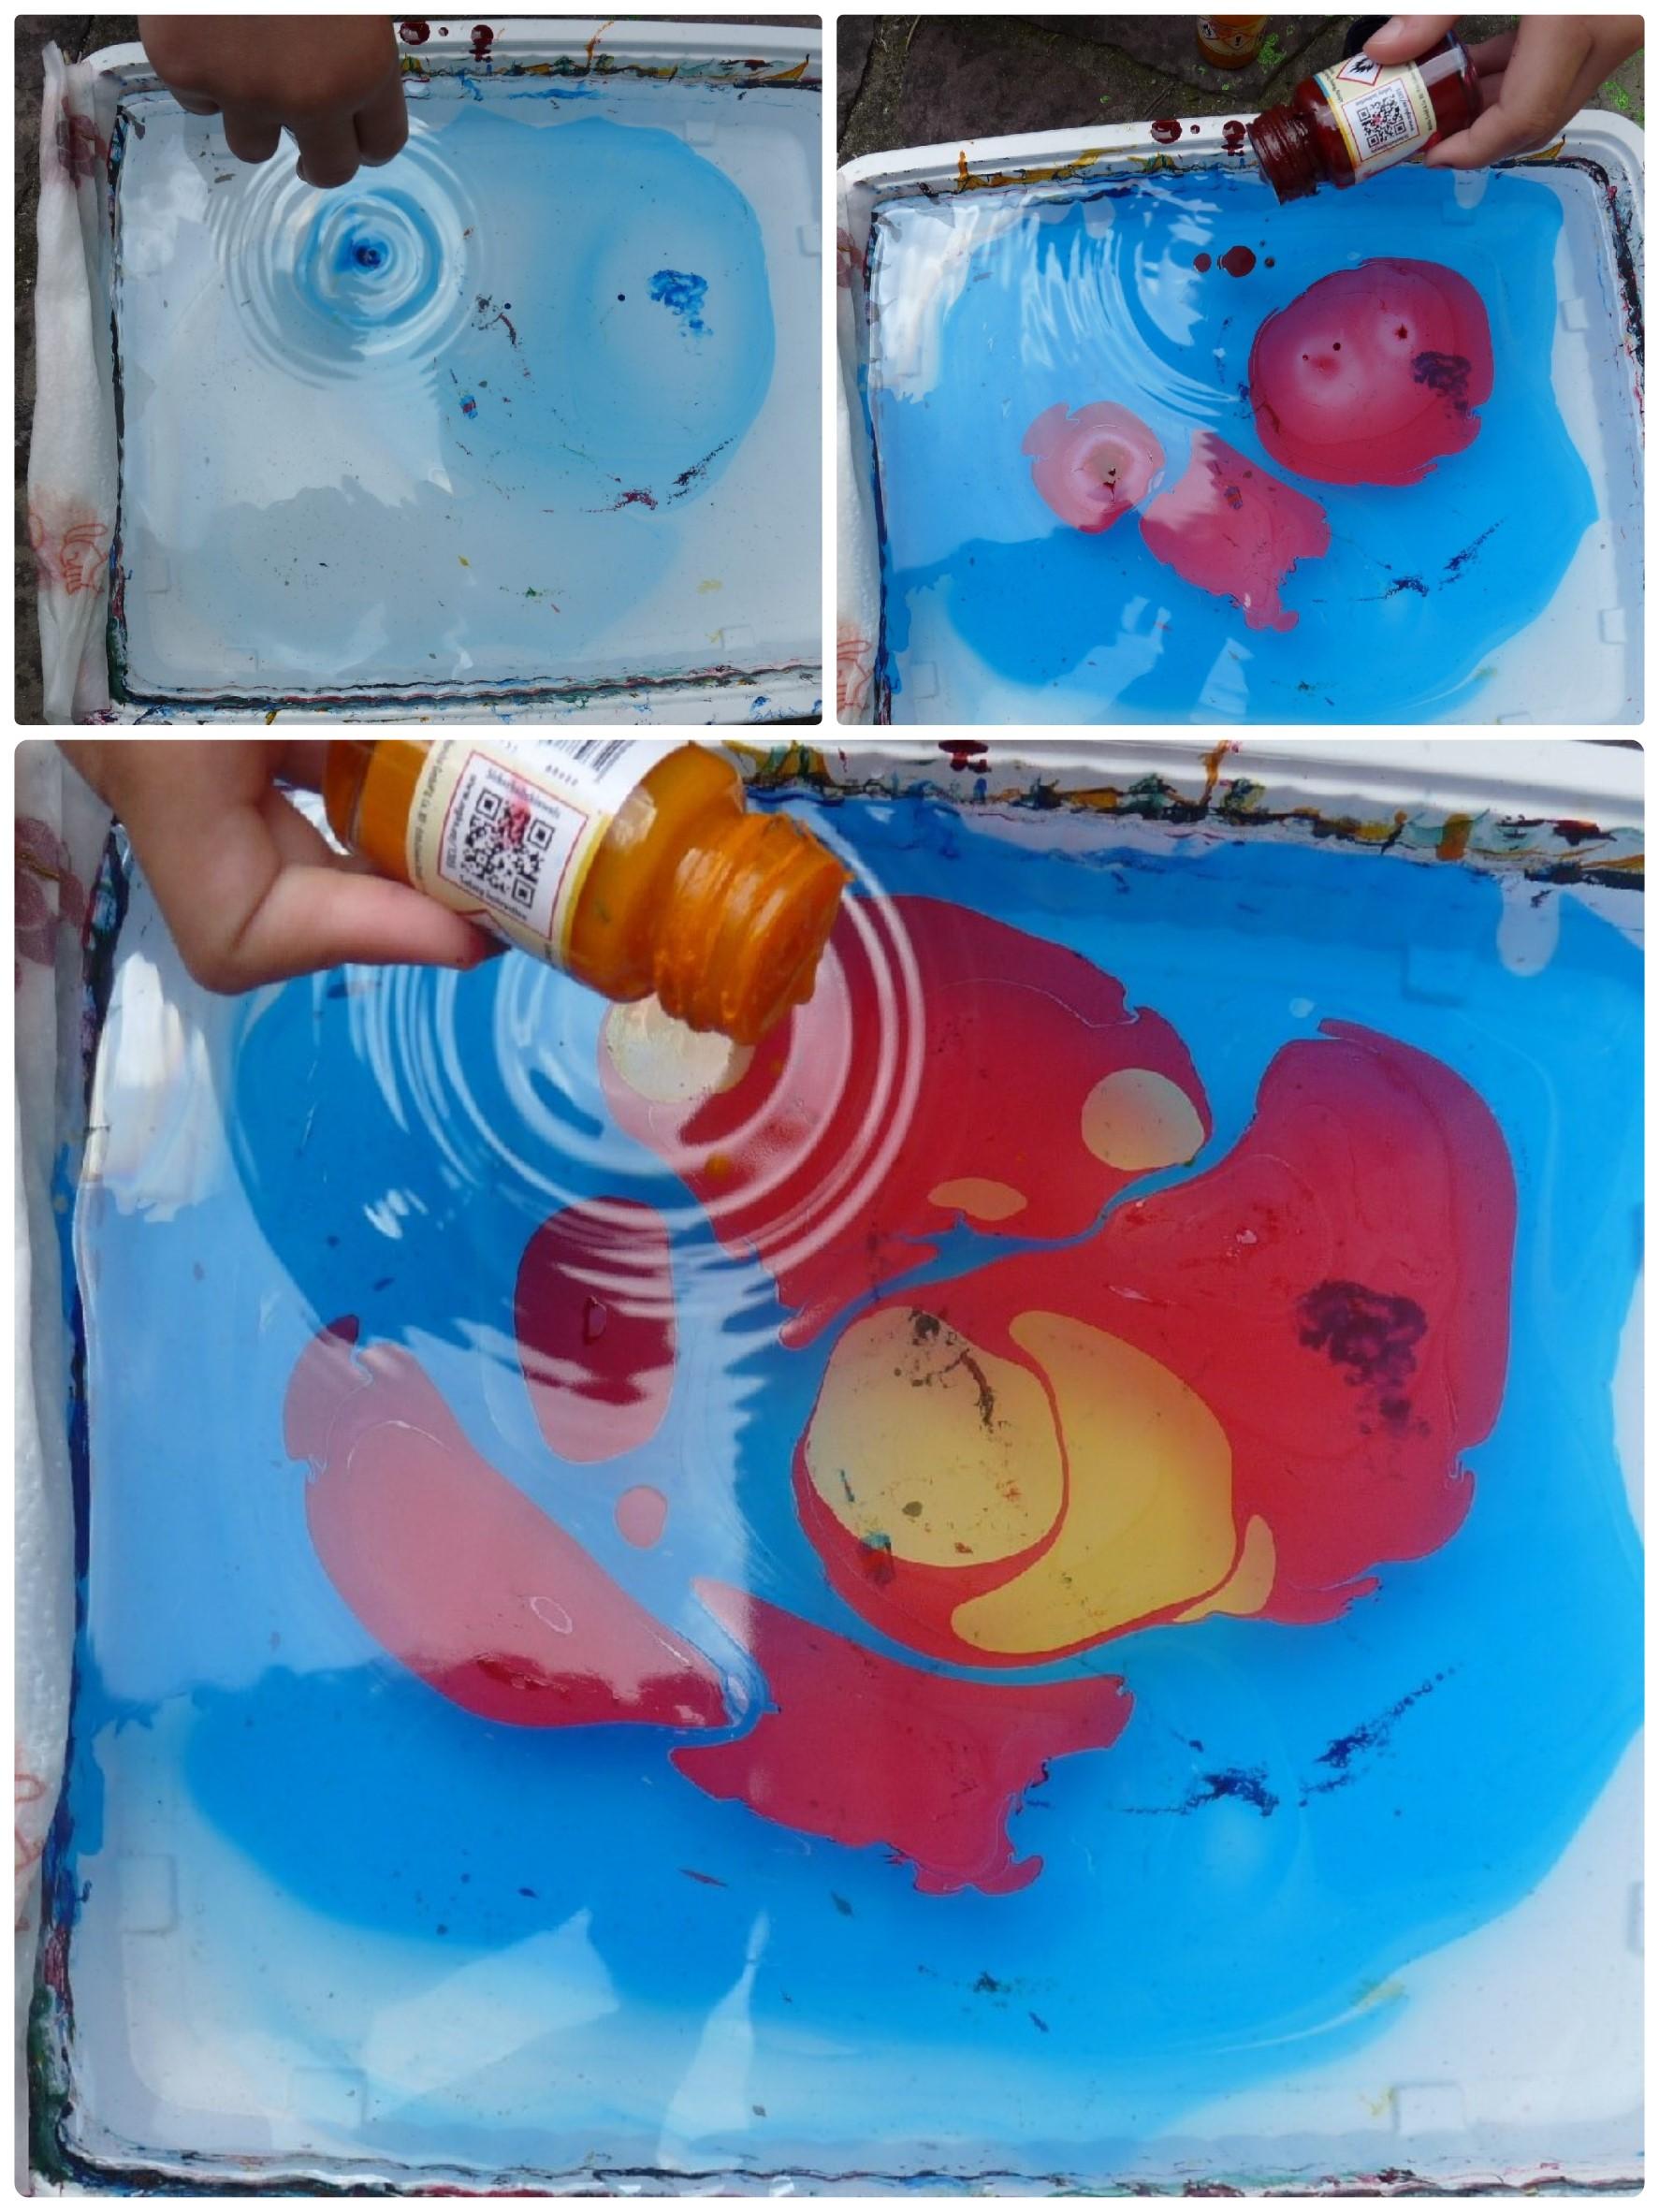 peinture marbrée goutte melange elize pigmentropie enfants